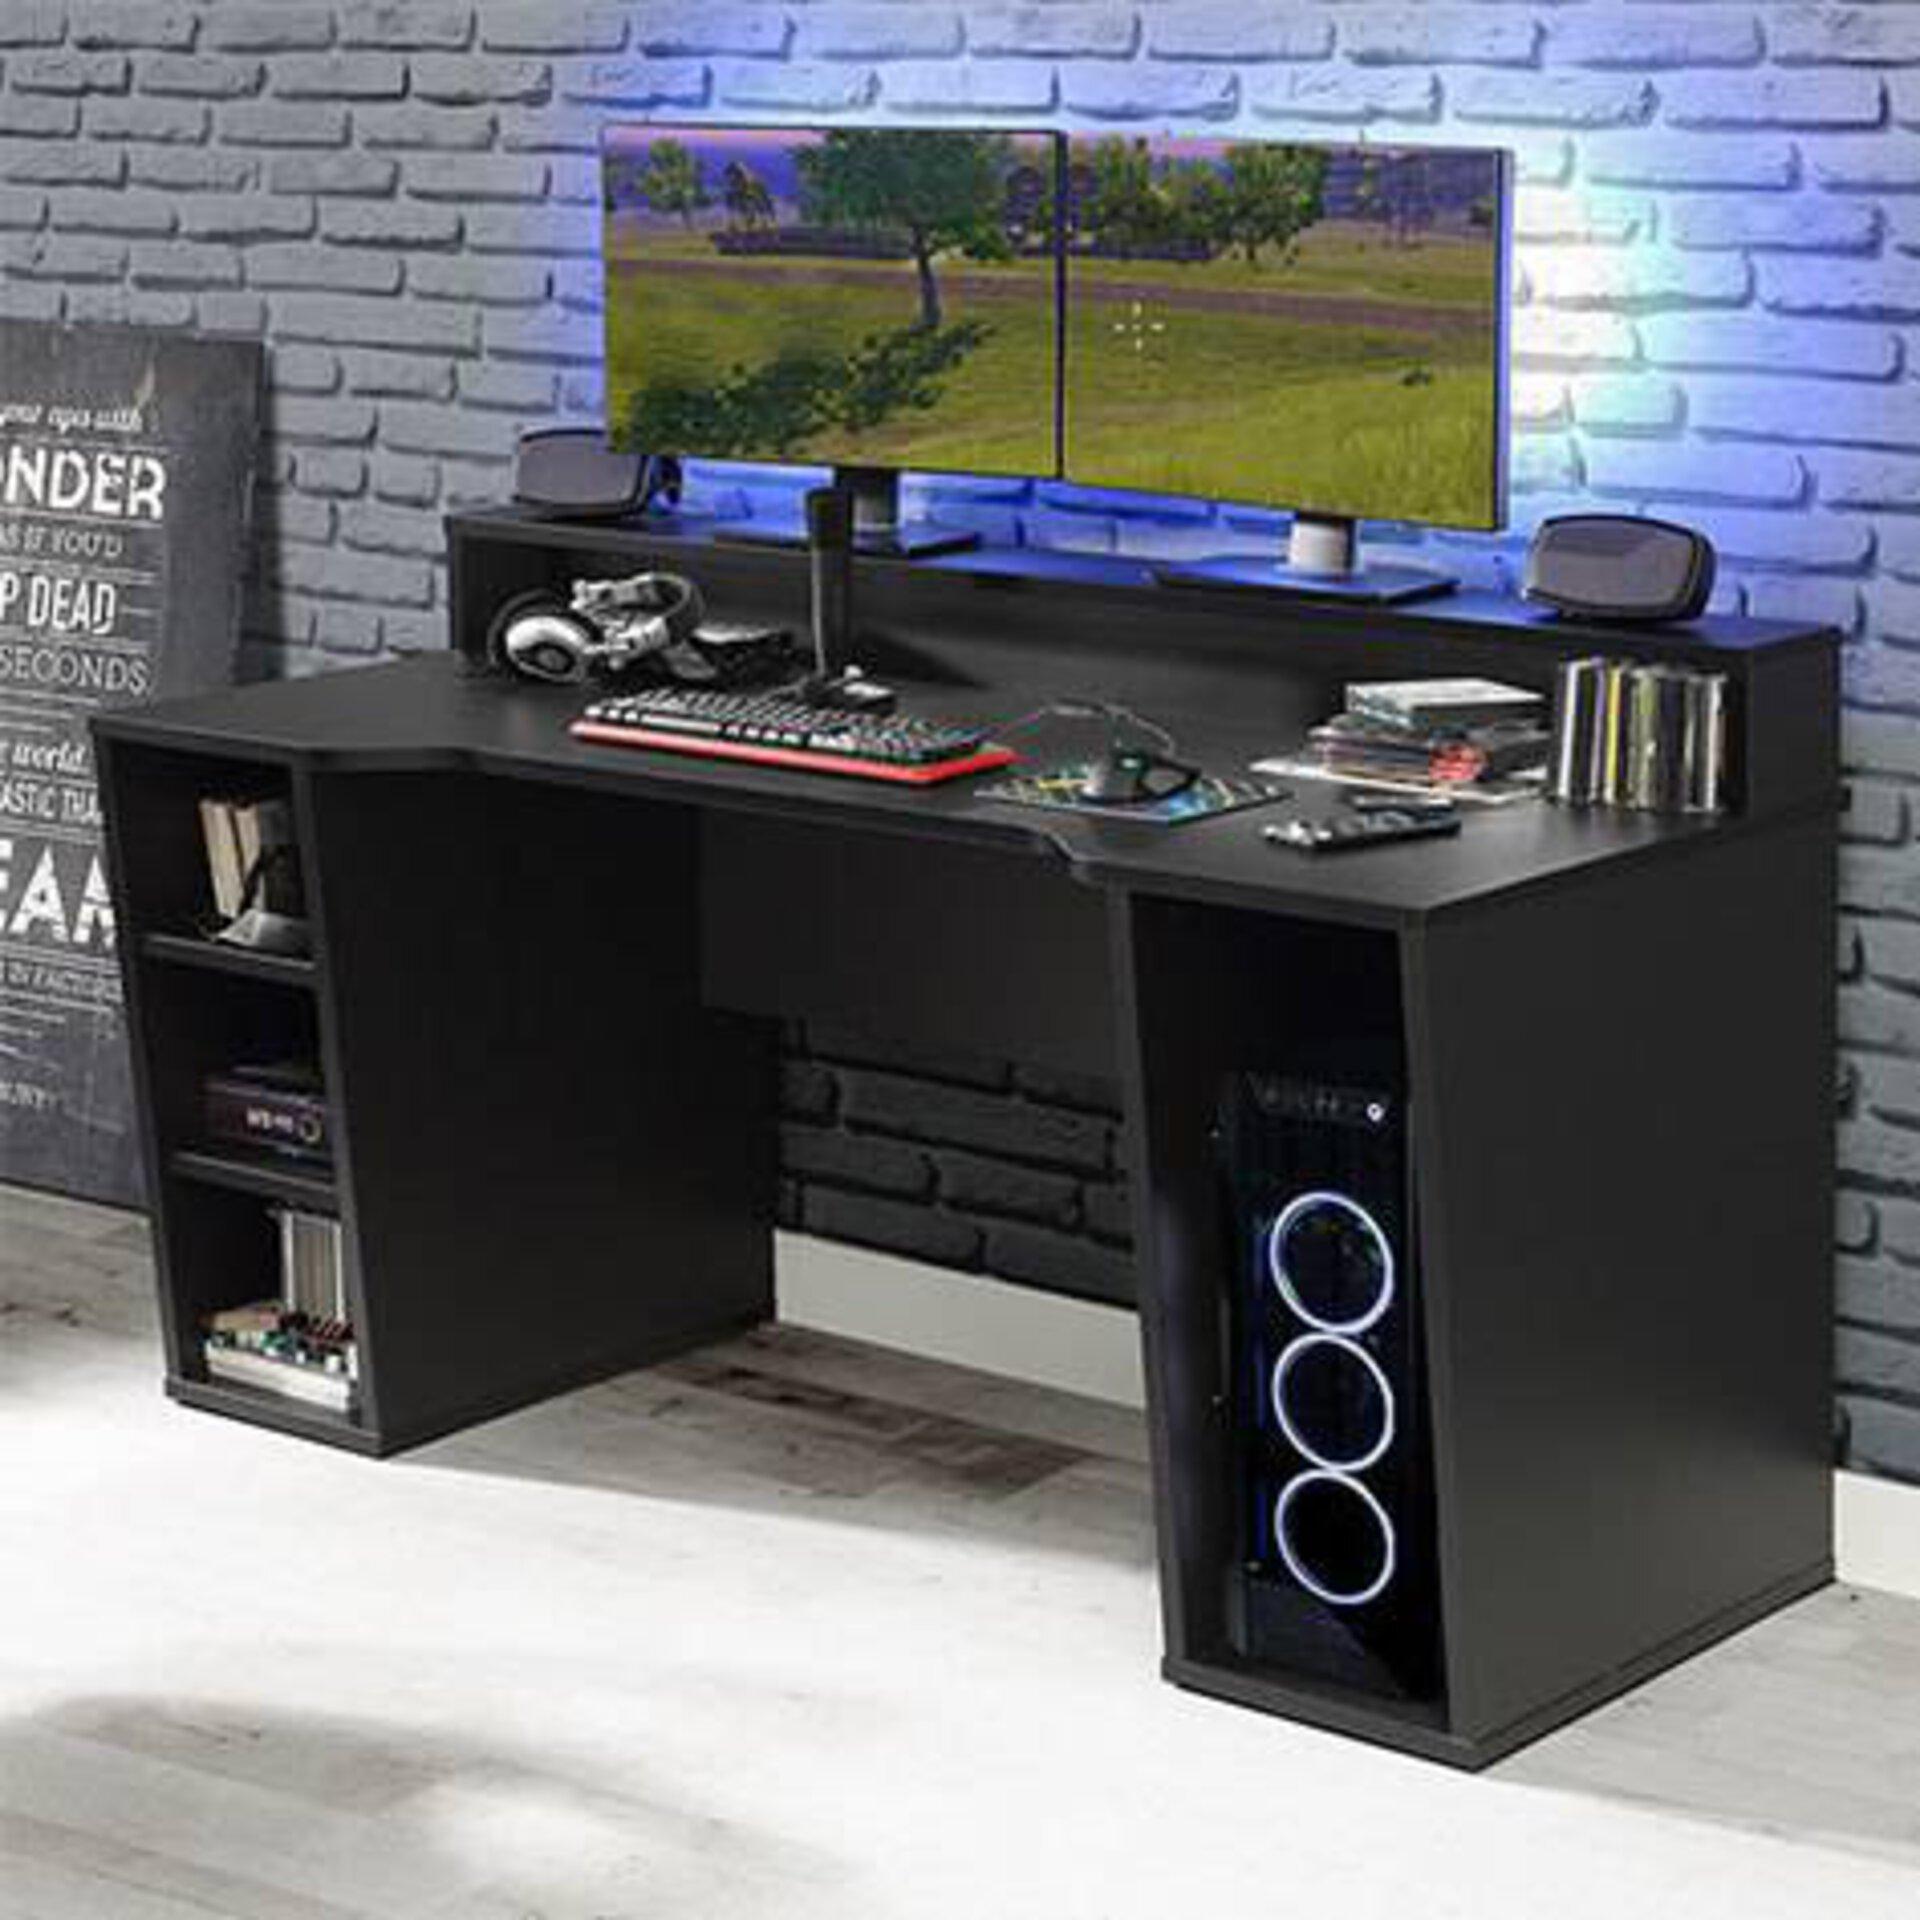 Der perfekte Schreibtisch zum zocken. Viel Platz für Utensilien und Computer. Zudem eine praktische Erhöhung für die optimale Sicht